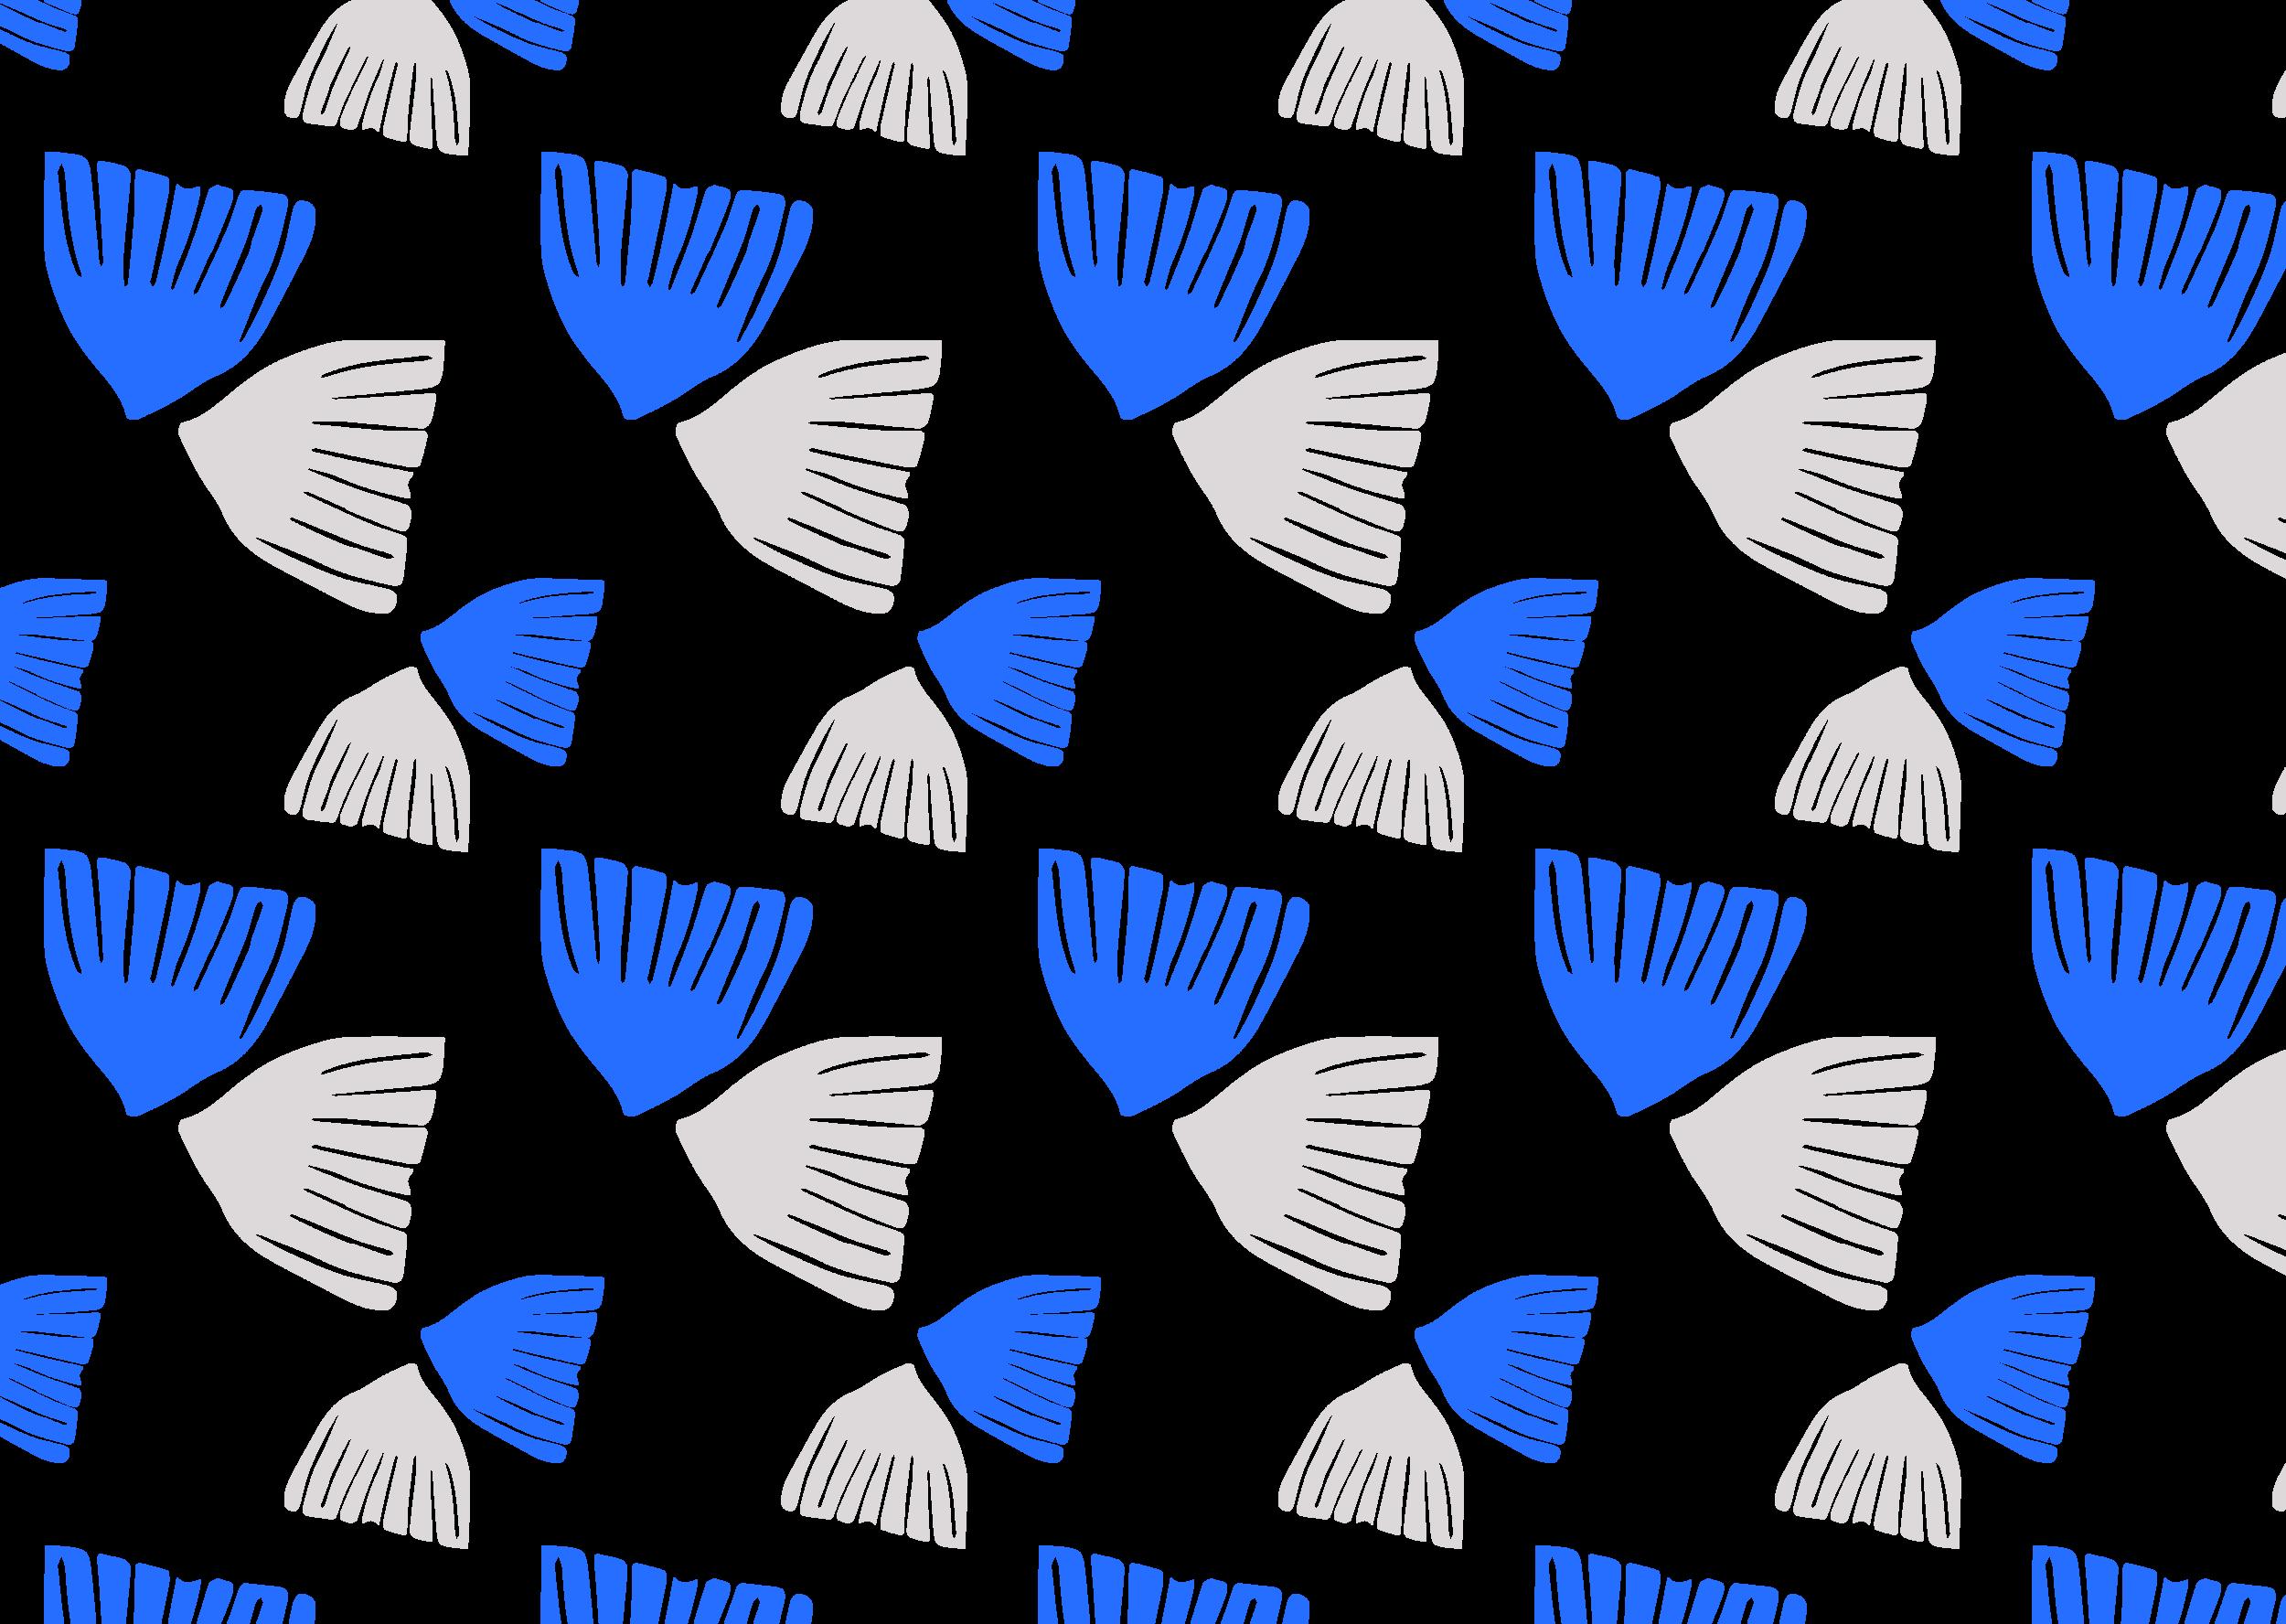 Pattern23-08.png